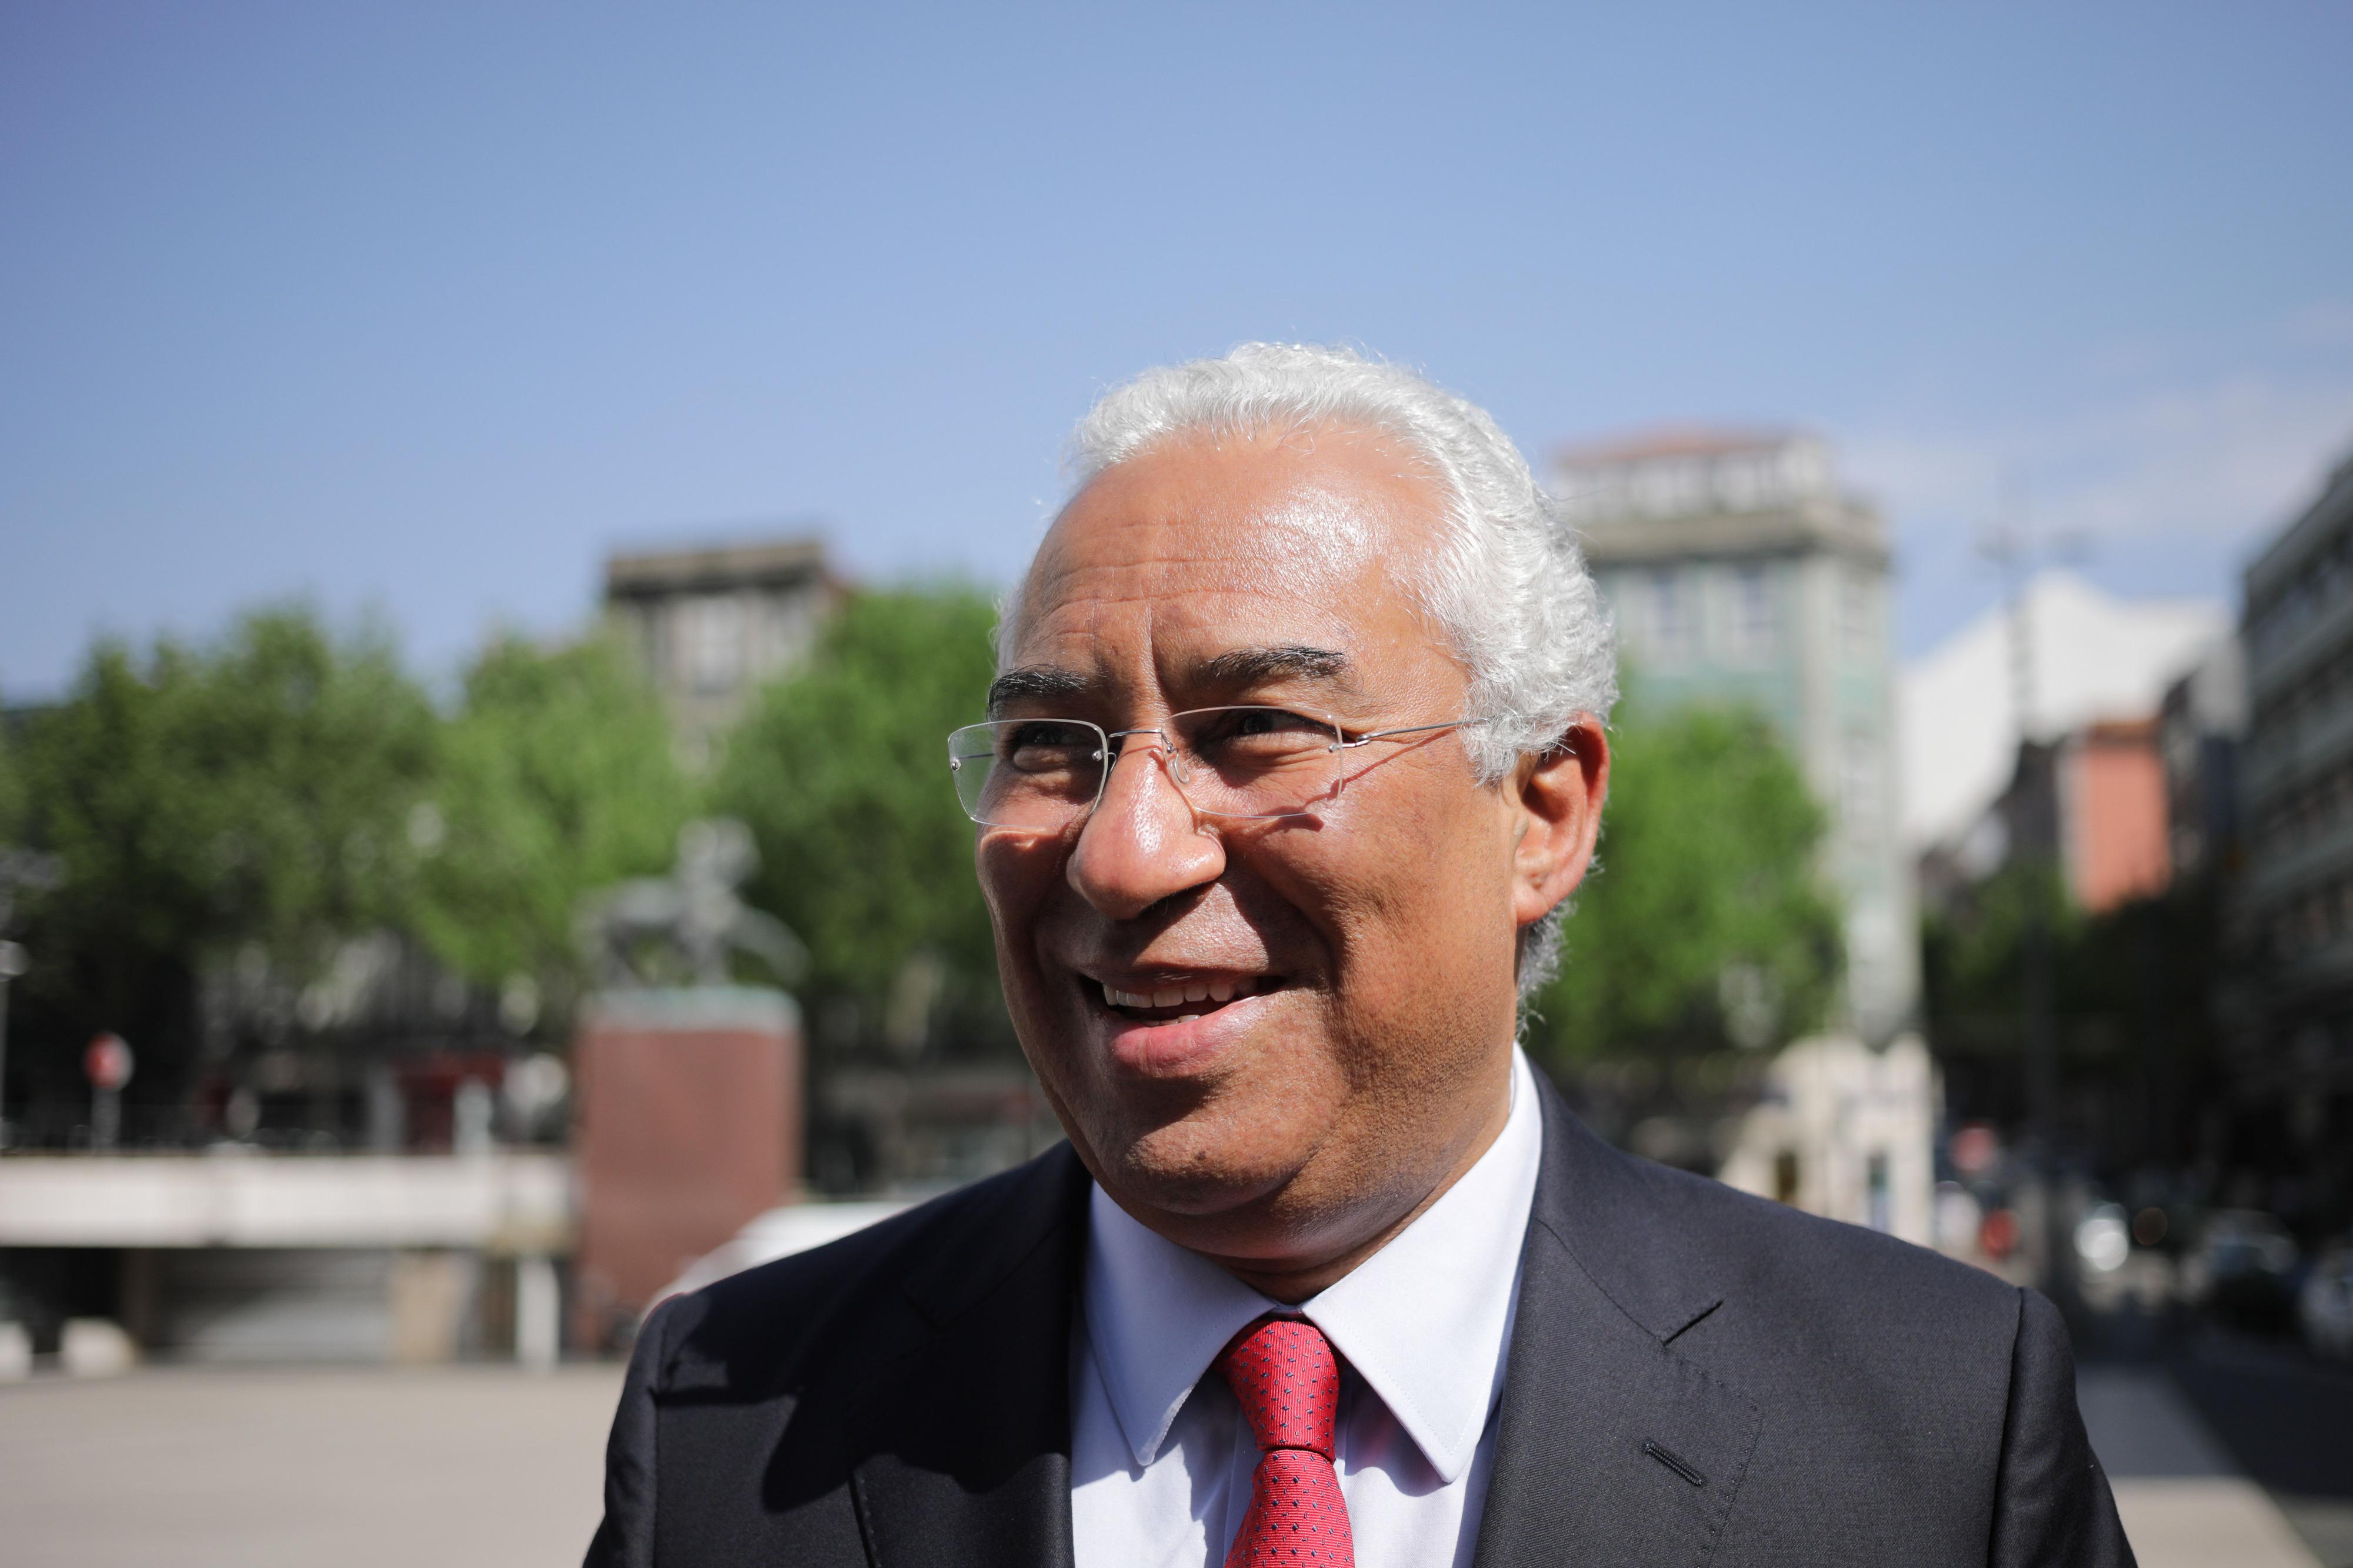 António Costa participa em janeiro em homenagem a Mário Soares no Parlamento Europeu